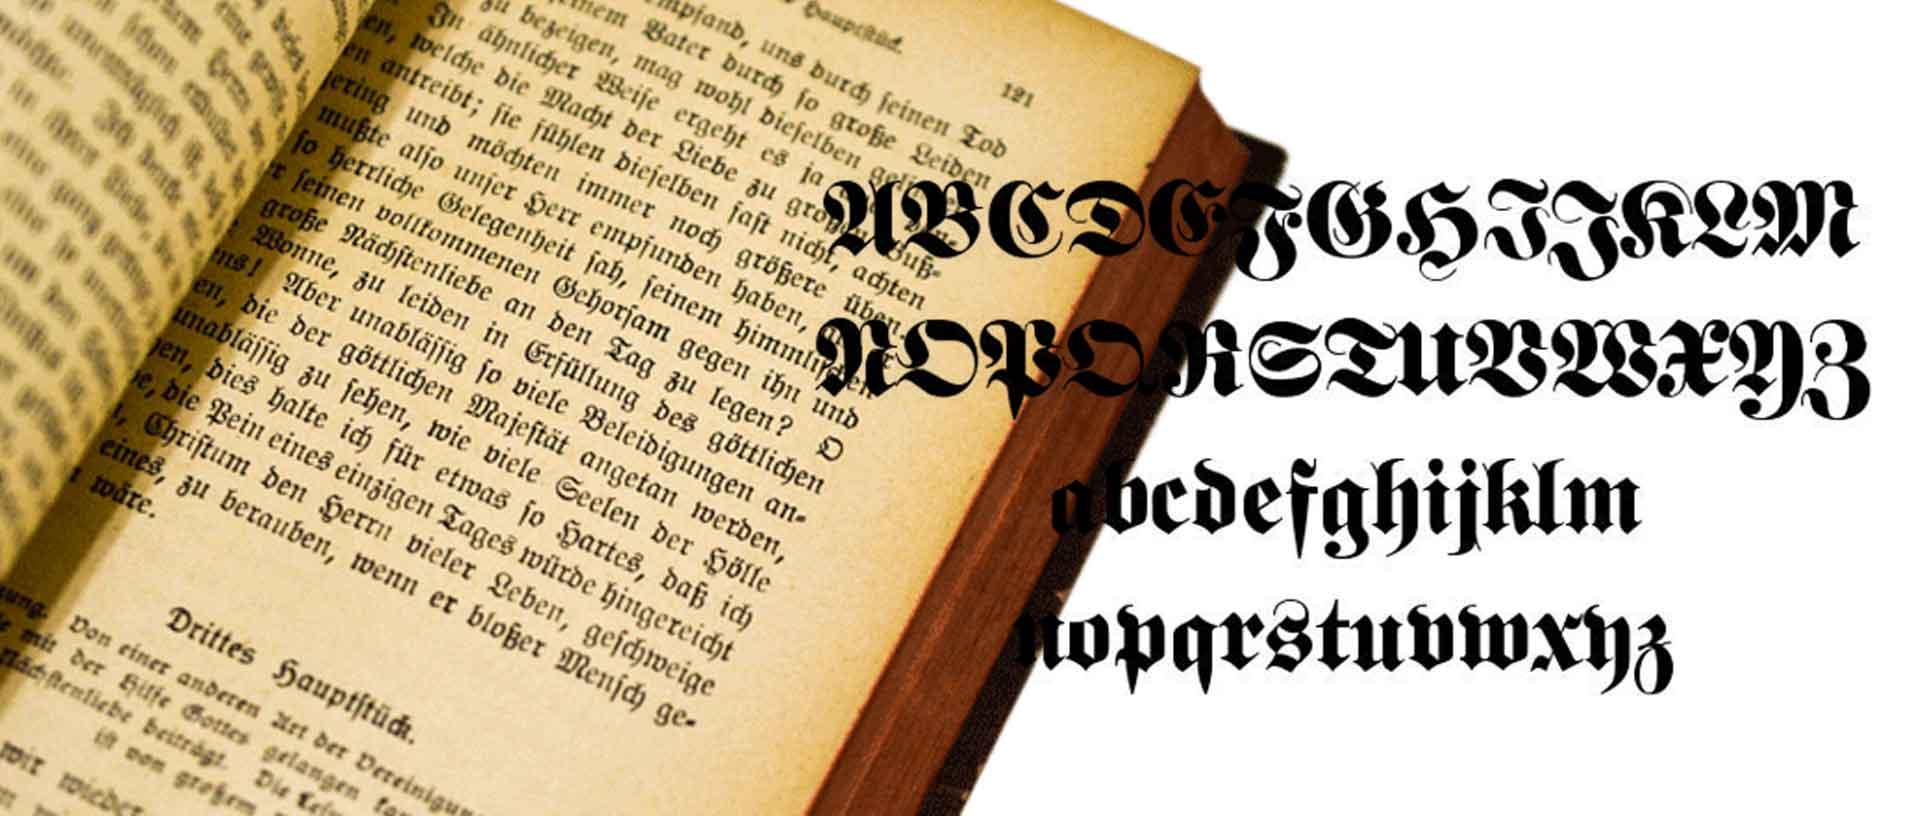 買取可能なフラクトゥール文字の洋書